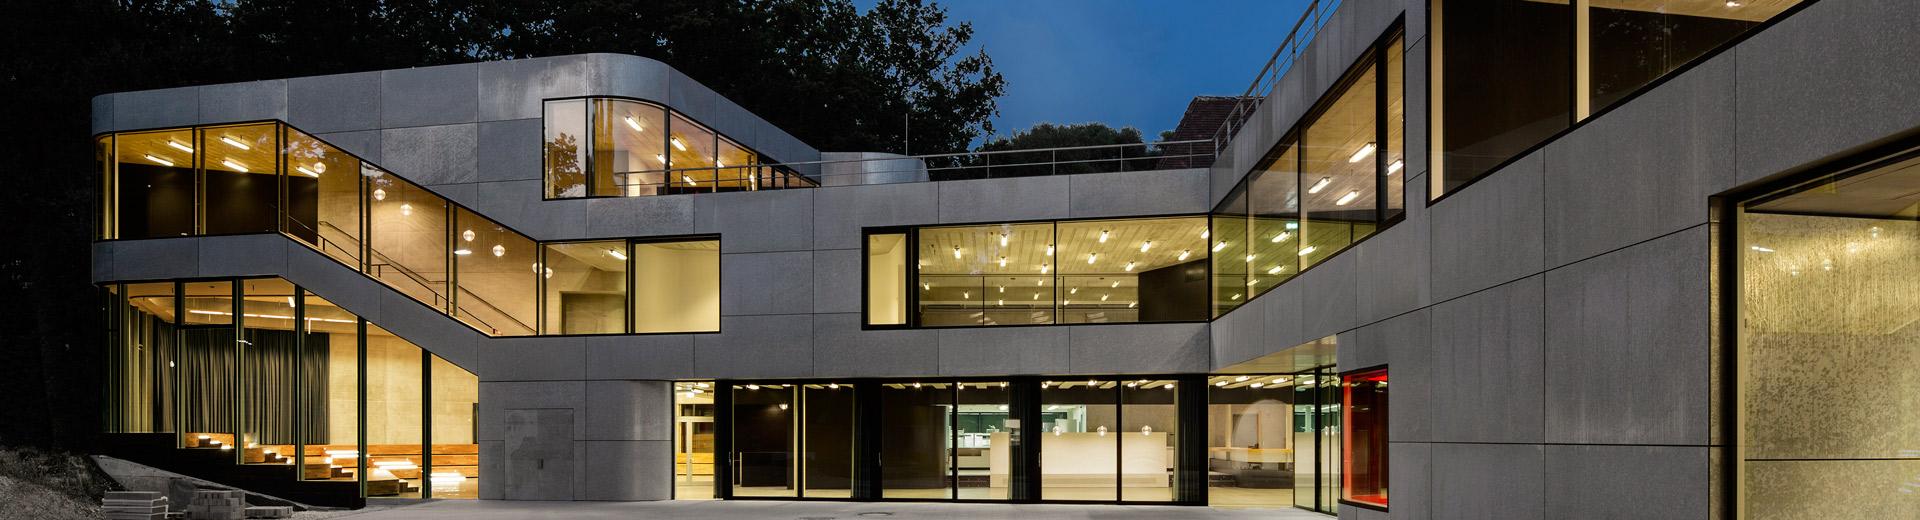 Applications | Hot-dip galvanized façades